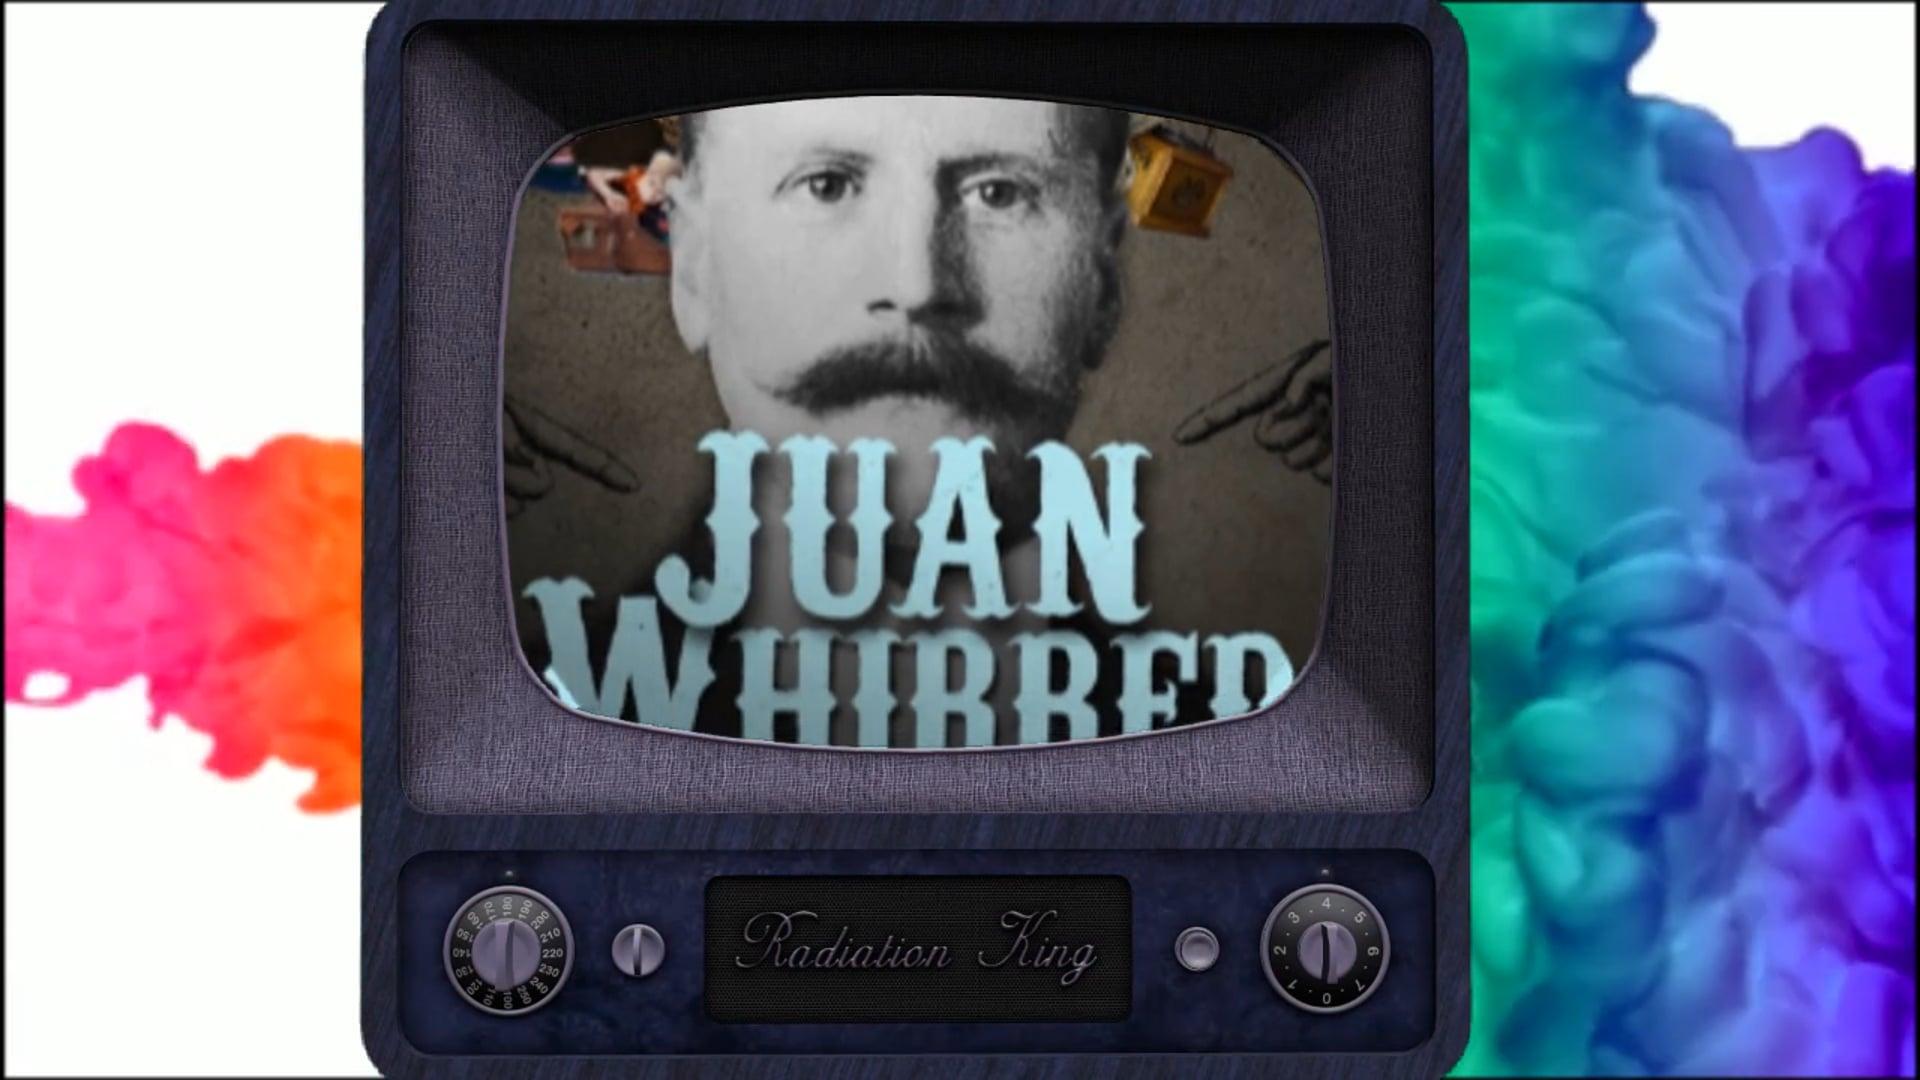 WEB SERIES Juan Whirred ep. 3